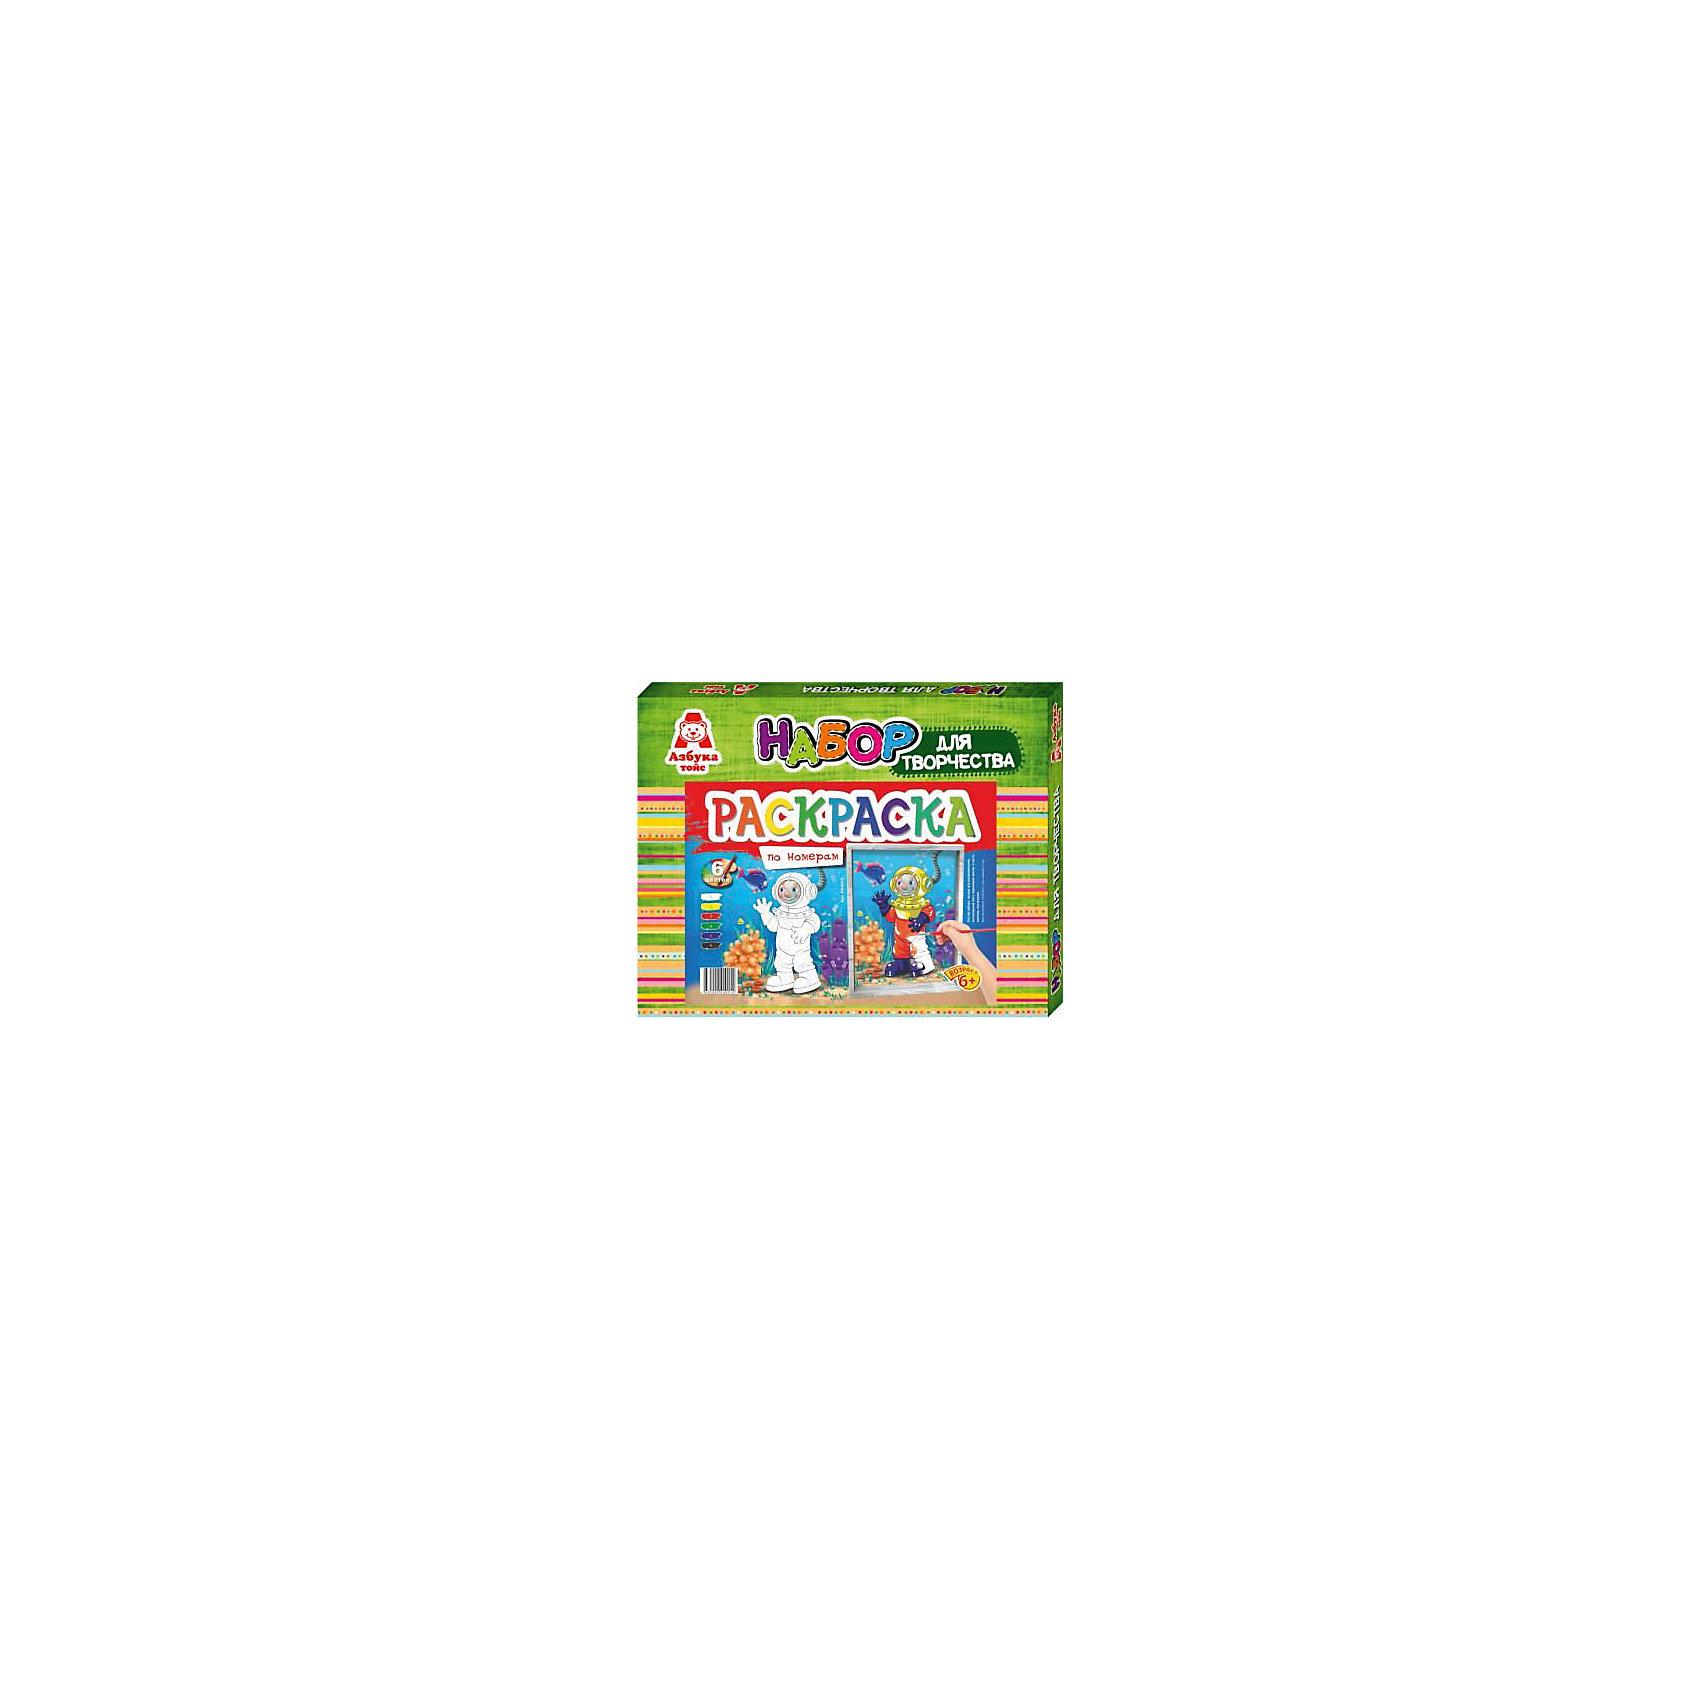 Раскраска по номерам ВодолазНаборы для раскрашивания<br>Характеристики товара:<br><br>• упаковка: коробка<br>• материал: картон, акрил<br>• возраст: 6+<br>• масса: 200 г<br>• габариты: 30х270х210 мм<br>• комплектация: основа с нанесенным контуром, акриловые краски 6 цв., 2 кисточки, палитра для смешивания, картонная рамка и инструкция<br>• страна бренда: РФ<br>• страна изготовитель: РФ<br><br>Раскрашивание картинок – всеми любимый увлекательный процесс. Отличительной особенностью набора является то, что картинка разделена на зоны с нумерацией. Каждый номер – один цвет, соответствующий цвету в наборе красок. В итоге получается красивая картина. Это поможет ребенку поверить в свои силы и развить творческие способности.<br>Набор станет отличным подарком ребенку, так как он сможет сам сделать красивую вещь для себя или в качестве подарка близким! Материалы, использованные при изготовлении товара, сертифицированы и отвечают всем международным требованиям по качеству. <br><br>Раскраску по номерам Водолаз от бренда Азбука Тойс можно приобрести в нашем интернет-магазине.<br><br>Ширина мм: 270<br>Глубина мм: 30<br>Высота мм: 210<br>Вес г: 200<br>Возраст от месяцев: 72<br>Возраст до месяцев: 120<br>Пол: Унисекс<br>Возраст: Детский<br>SKU: 5062879